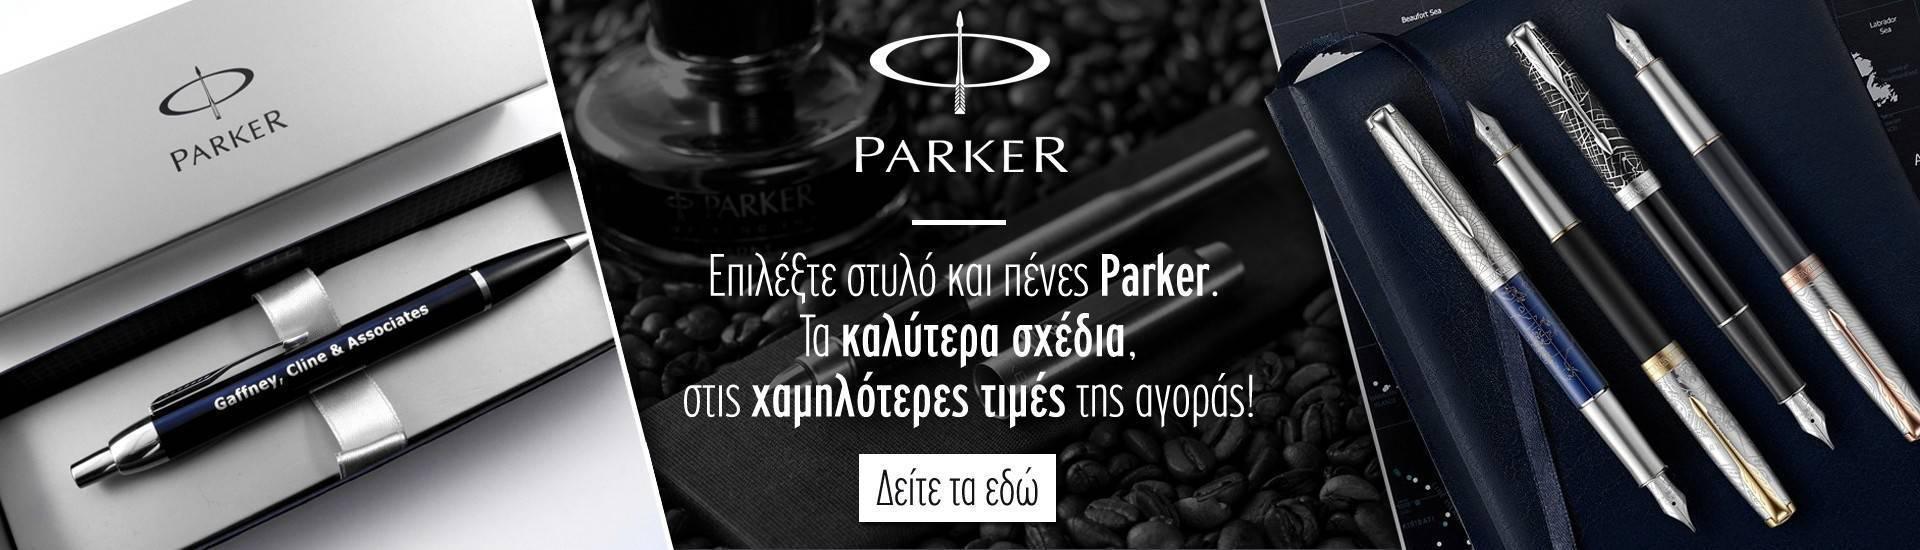 parker_happyplace